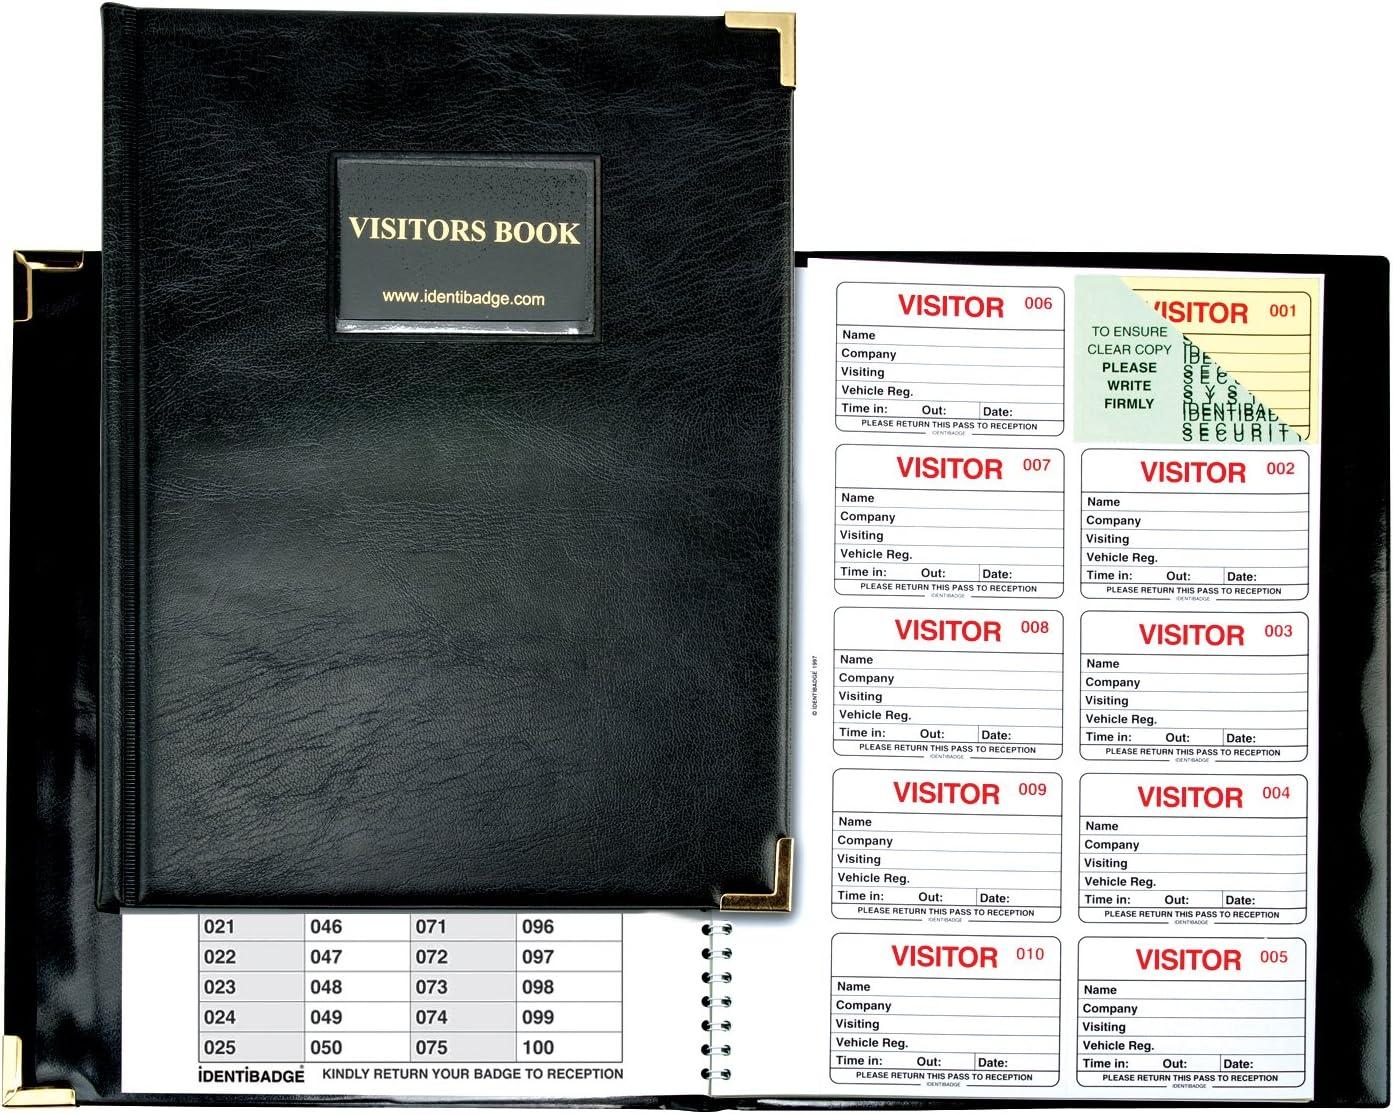 IDENTIBADGE Libro de visitas completo Registro compatible con GDPR Iniciar sesi/ón Libro 100 inserciones versi/ón en ingl/és